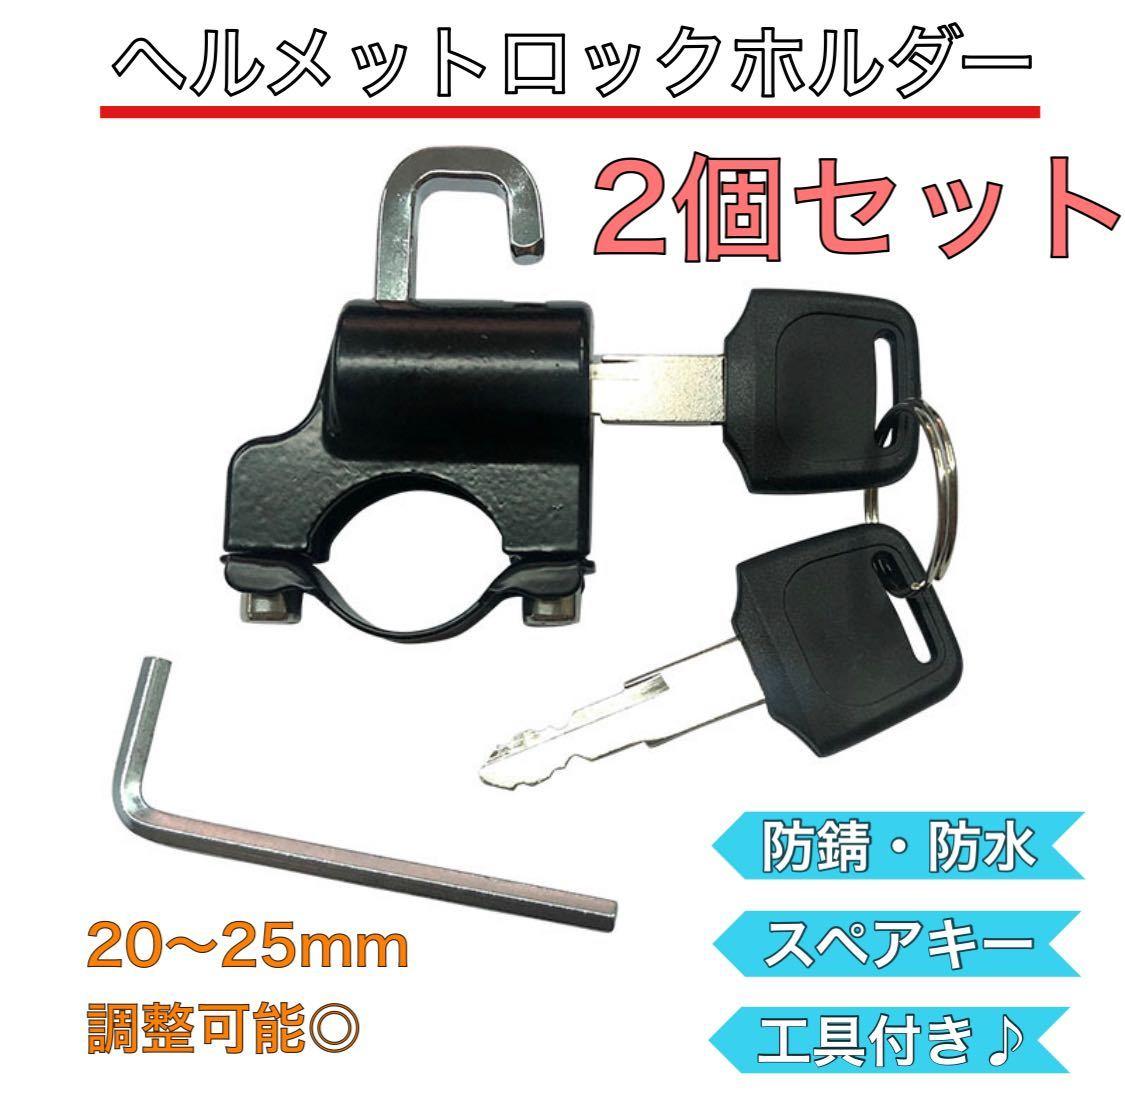 ヘルメットロックホルダー バイク 盗難防止 汎用 キーロック 鍵 自転車 防犯 2個セット_画像1